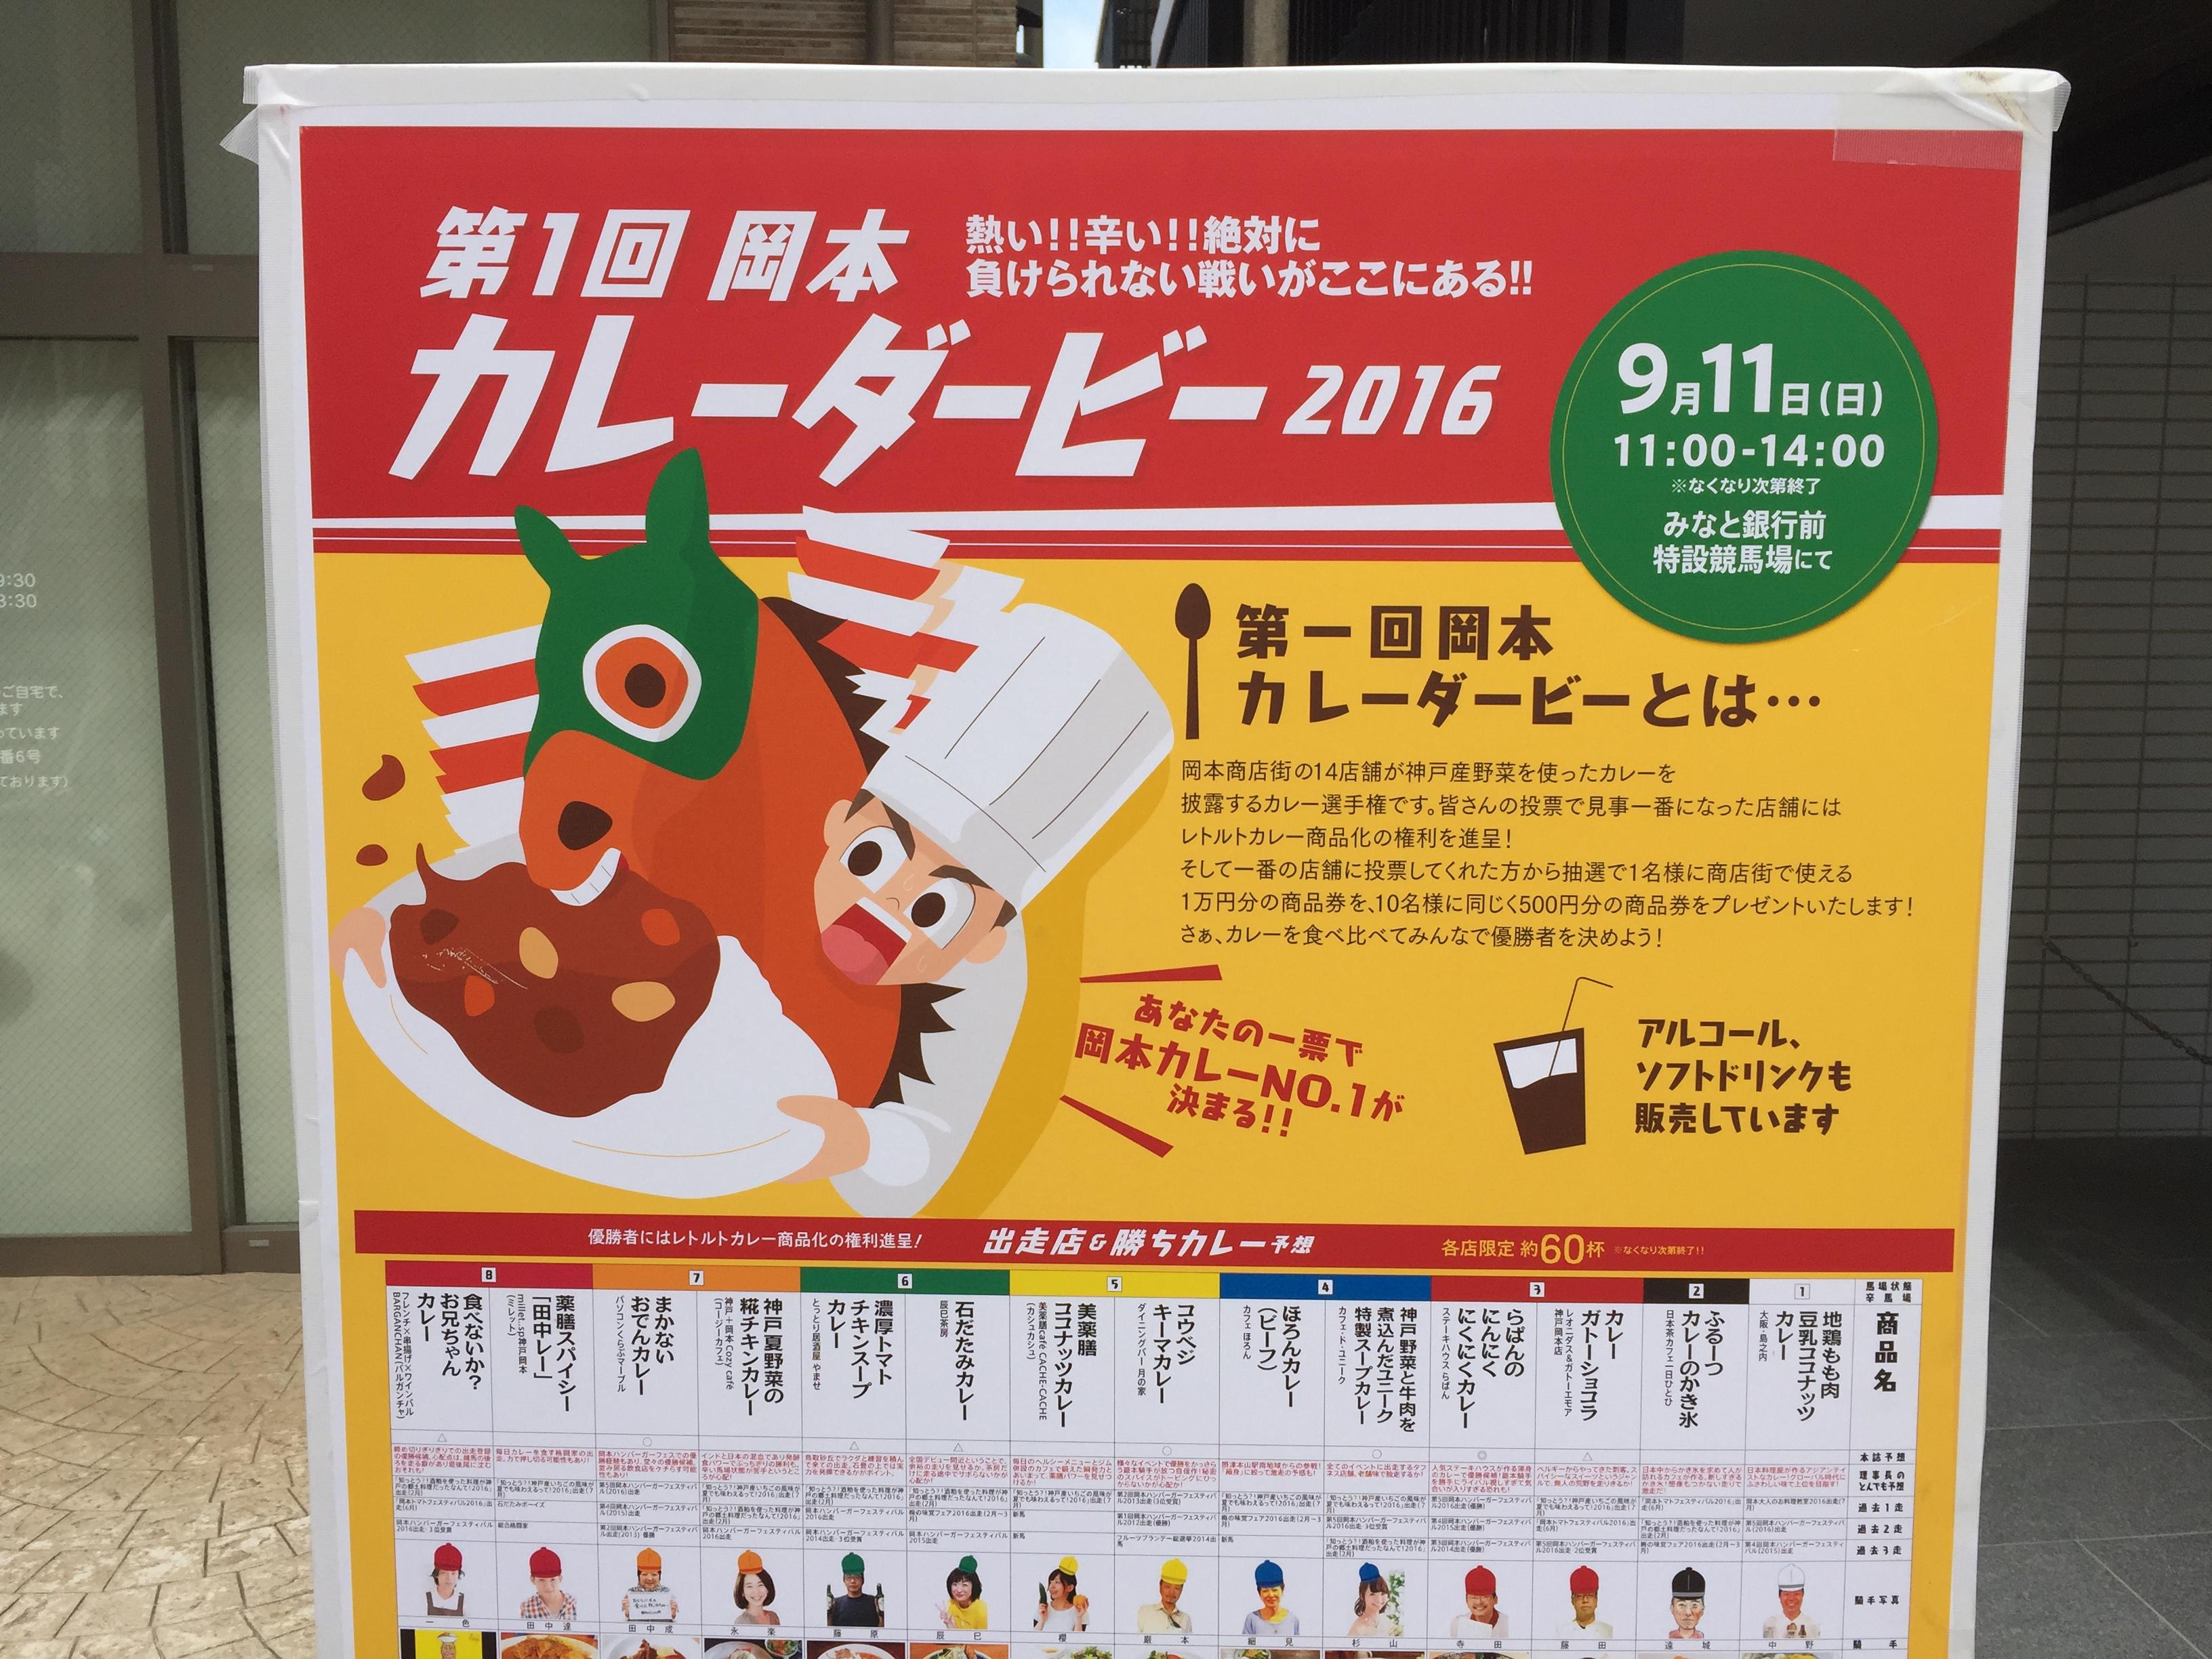 「岡本カレーウィーク2016」と「岡本カレーダービー2016」が9/11までランチ限定で開催中!【※当日写真追加しました※】